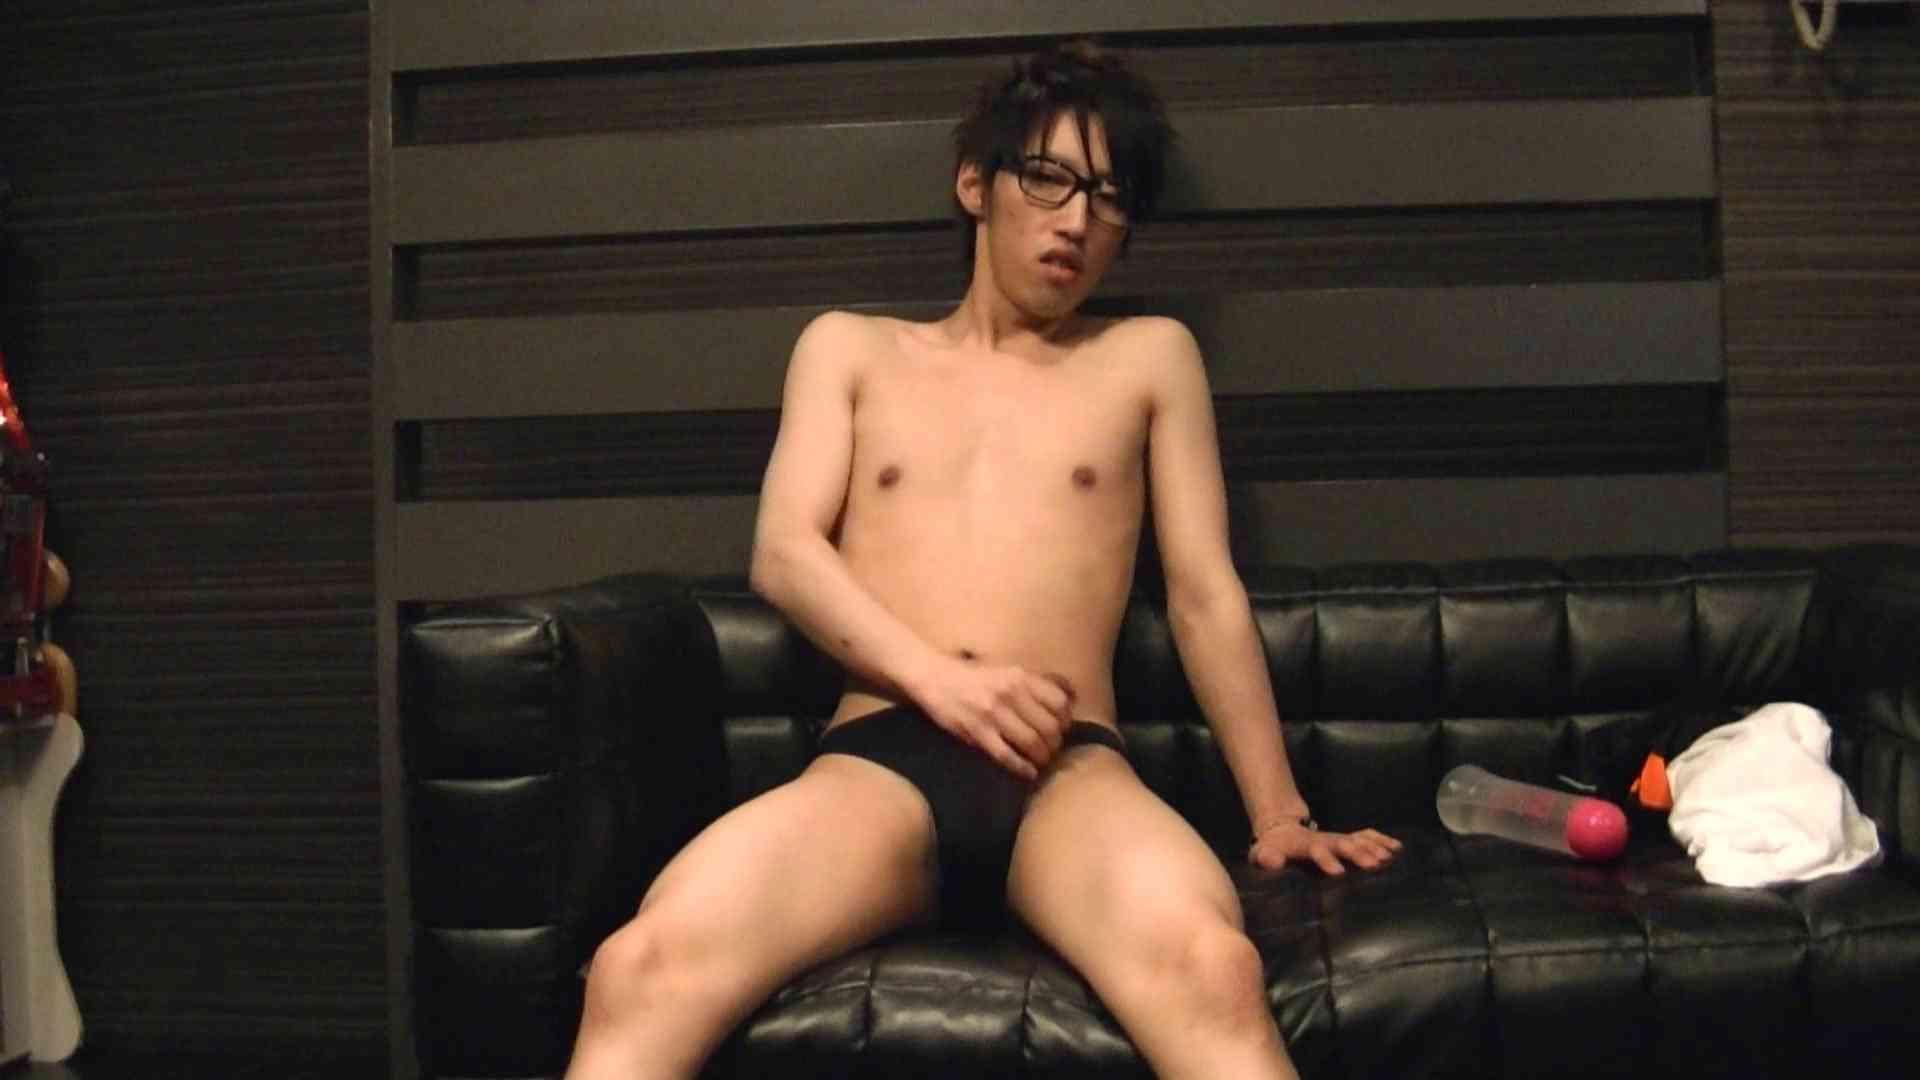 Mr.オナックスさん投稿!HD 貴方のオナニー三万円で撮影させてください。VOL.04 スジ筋系  32pic 11